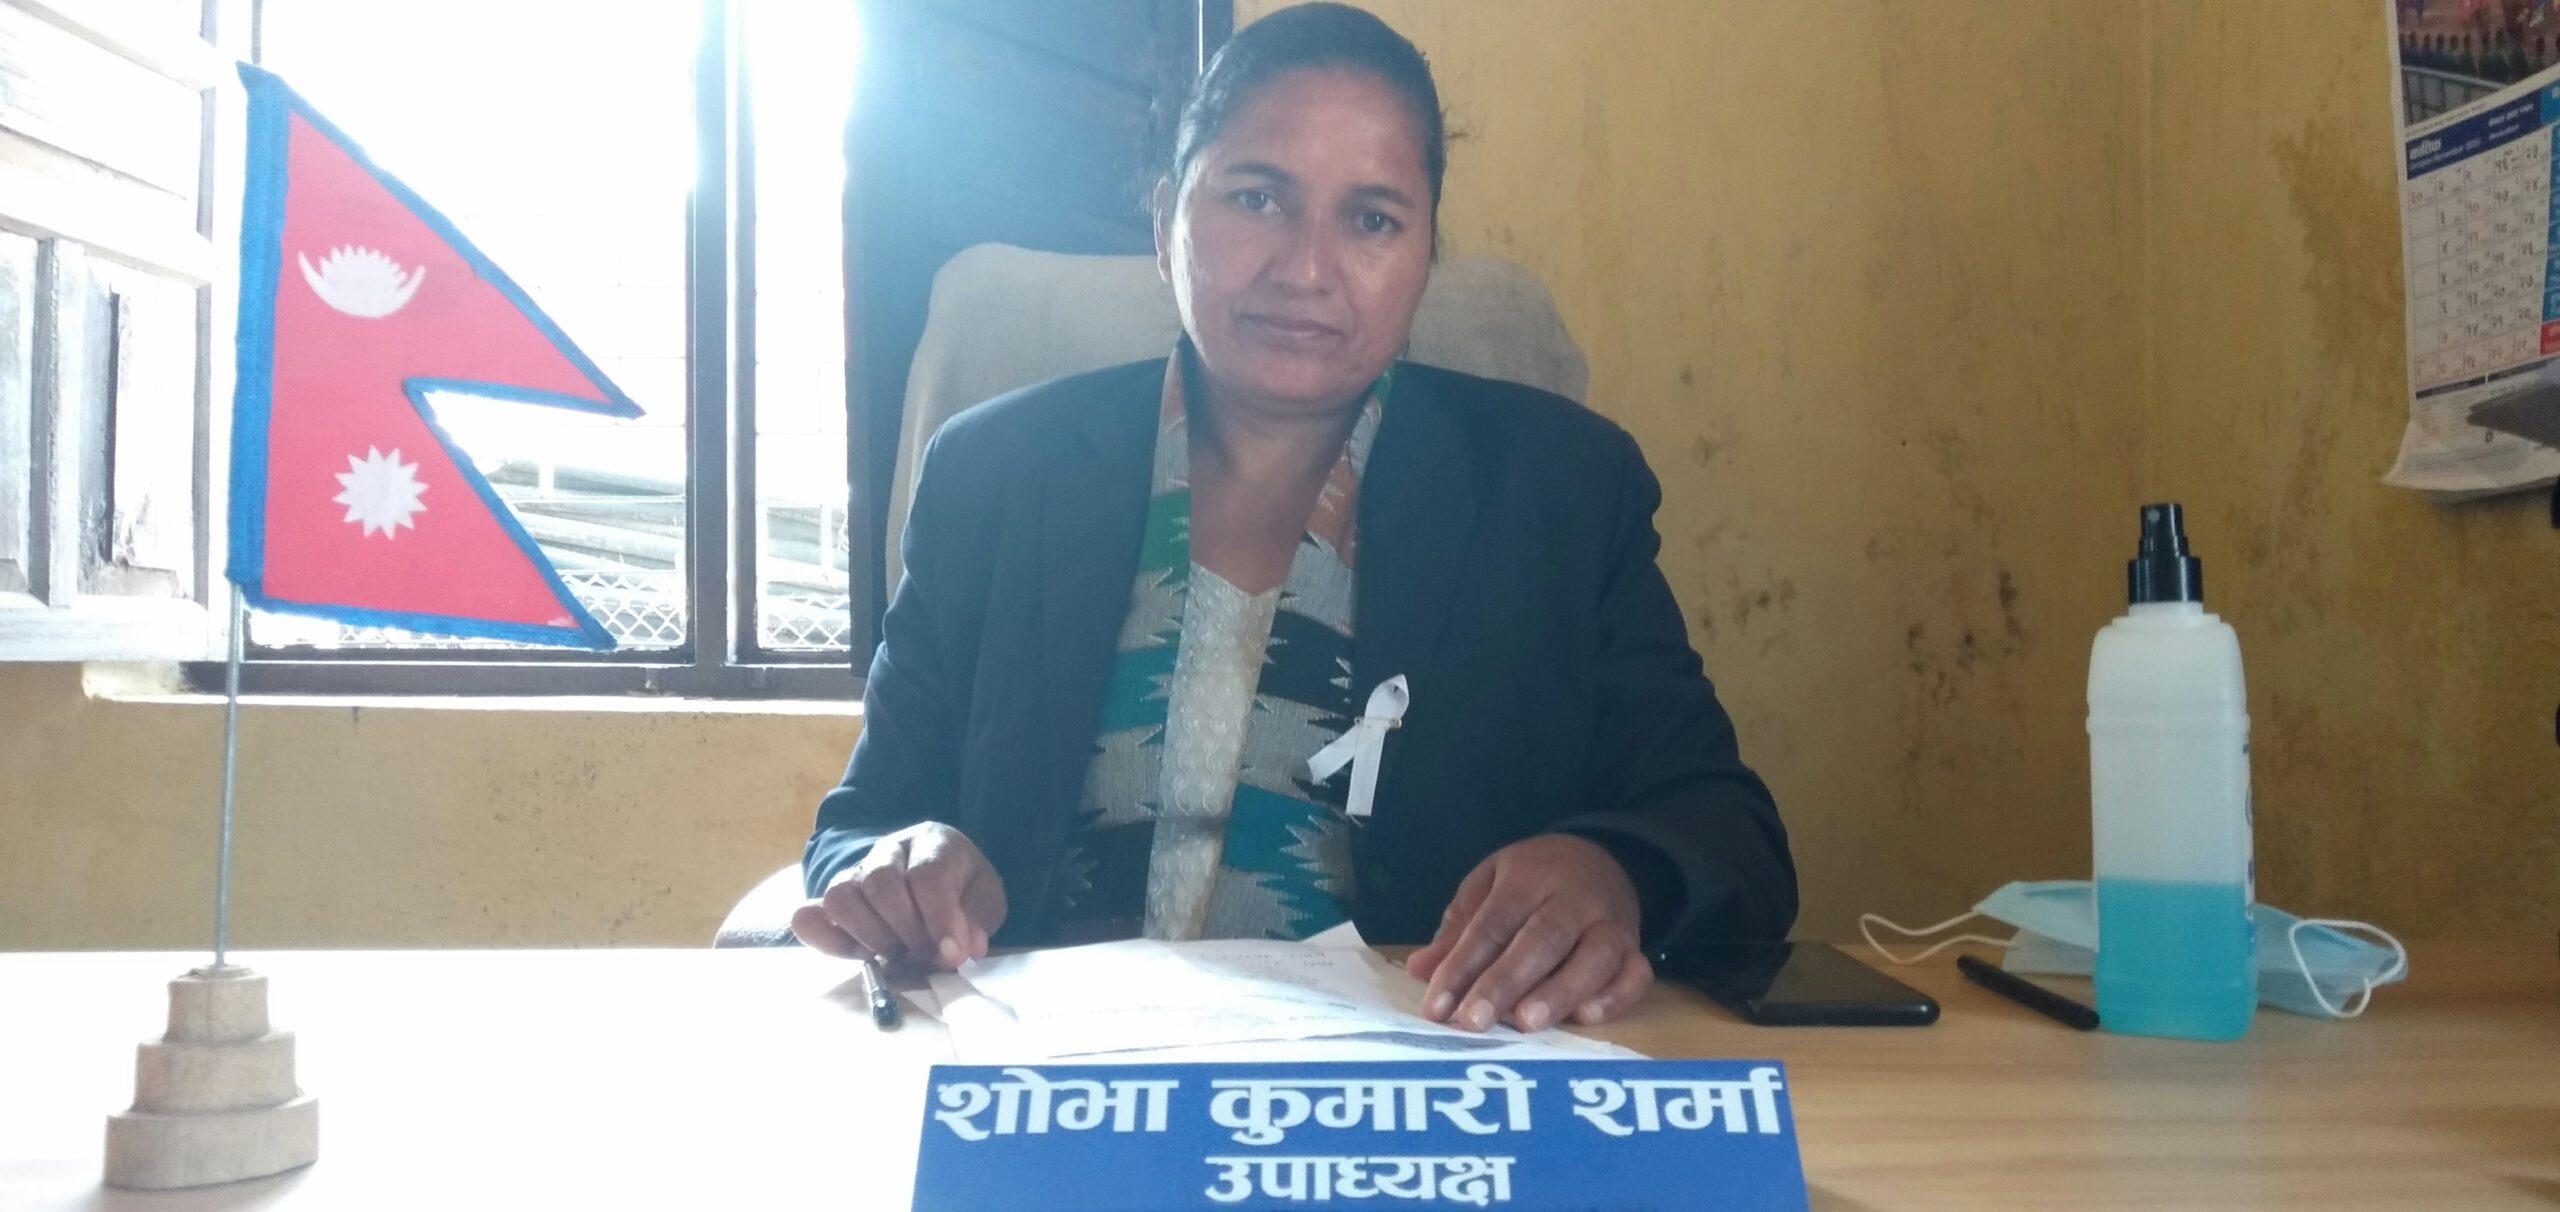 'घरदैलोमा पुगेर गर्भवतीसँग भेटघाटसँगै स्वास्थ्य शिक्षा र कोशेली बाँड्दै आएका छौं'